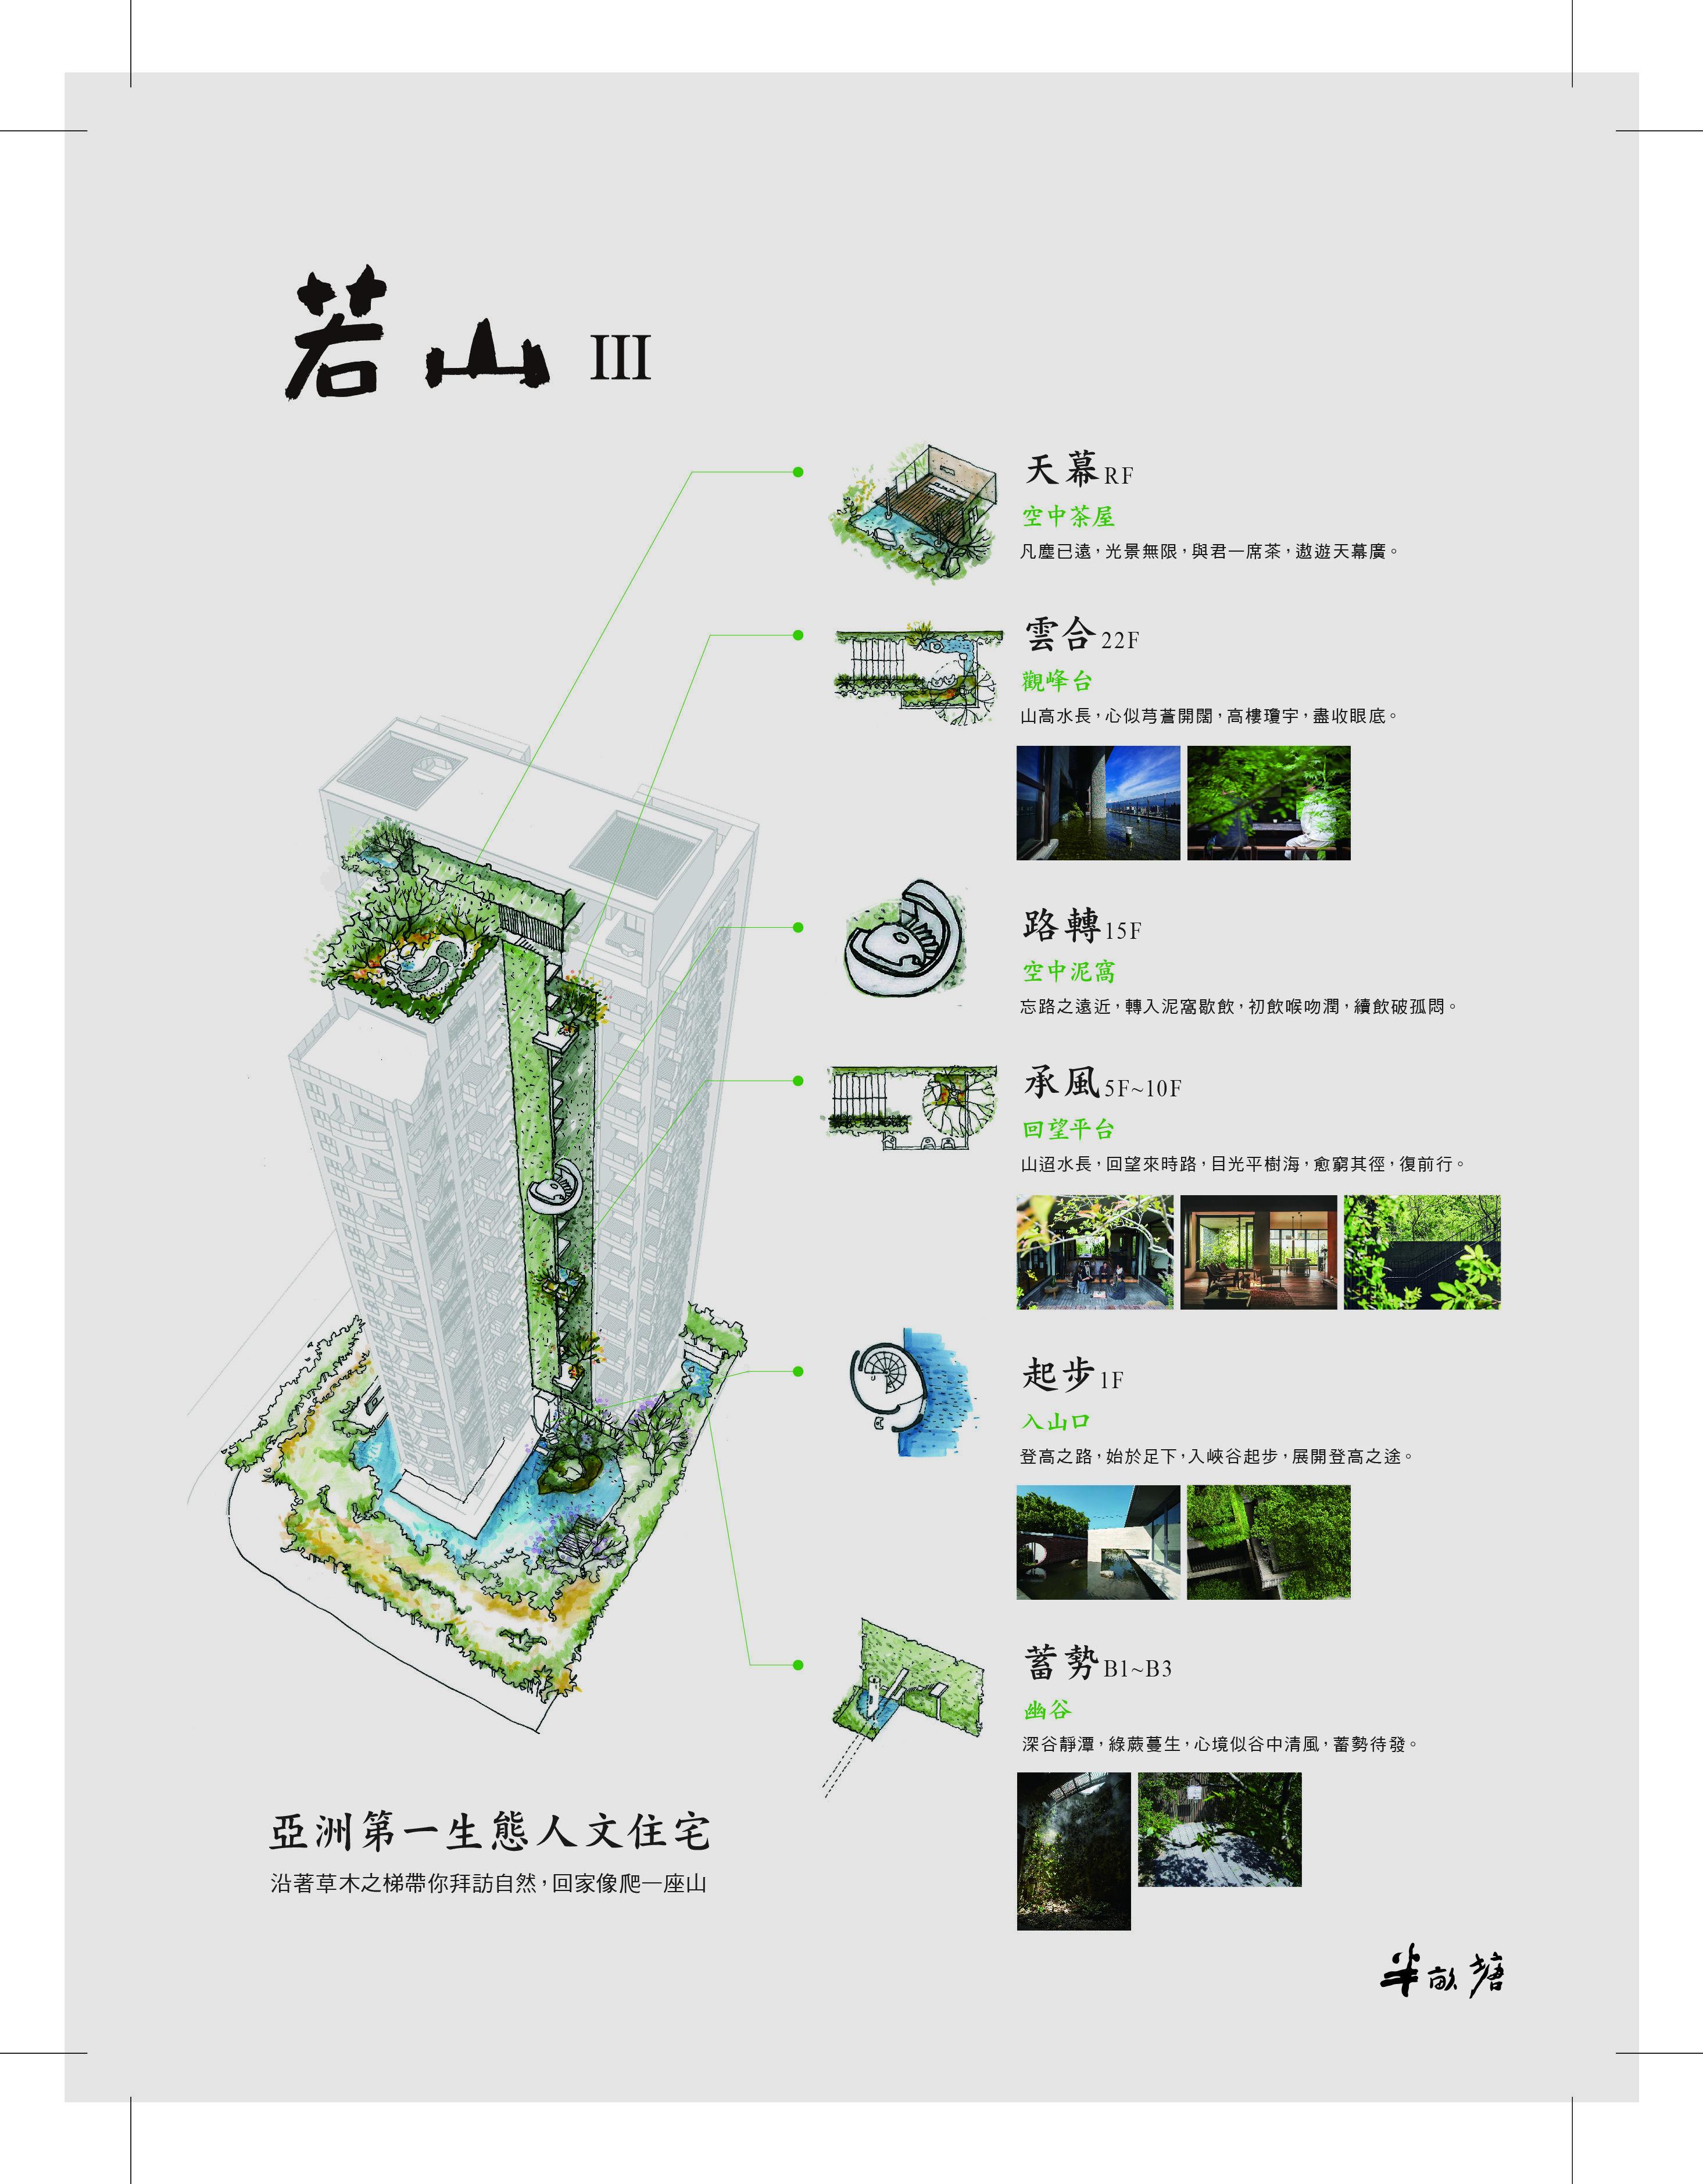 [竹北高鐵]半畝塘建設-若山III-(大樓)20180402-08.jpg